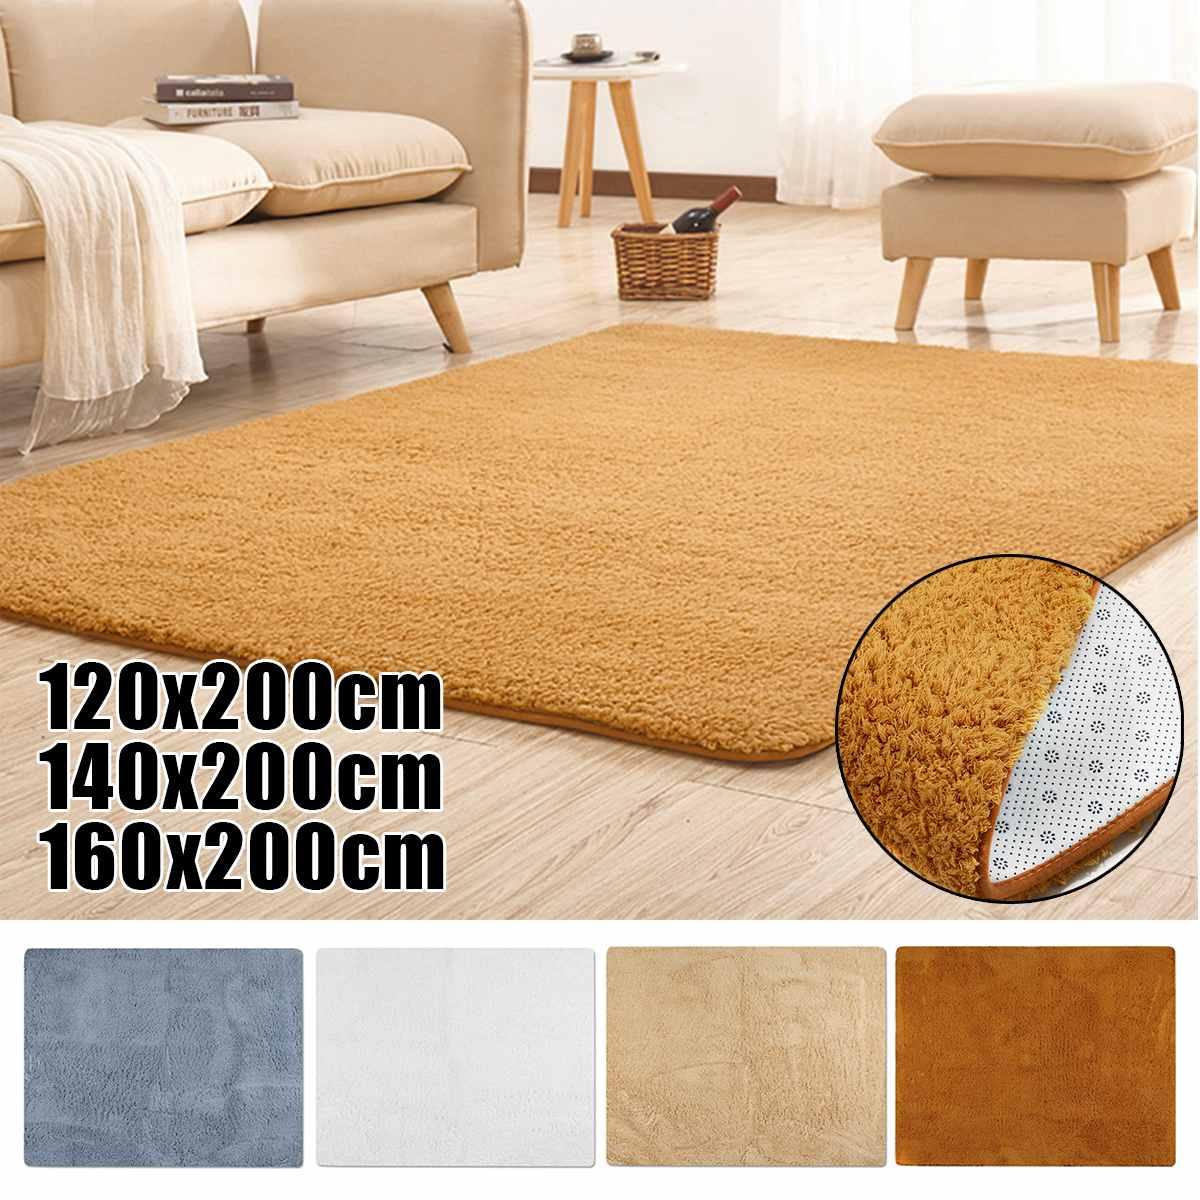 200 cm doux moelleux Shaggy tapis tapis pour salon moderne enfants chambre chambre salle de bains anti-dérapant tapis canapé sol tapis